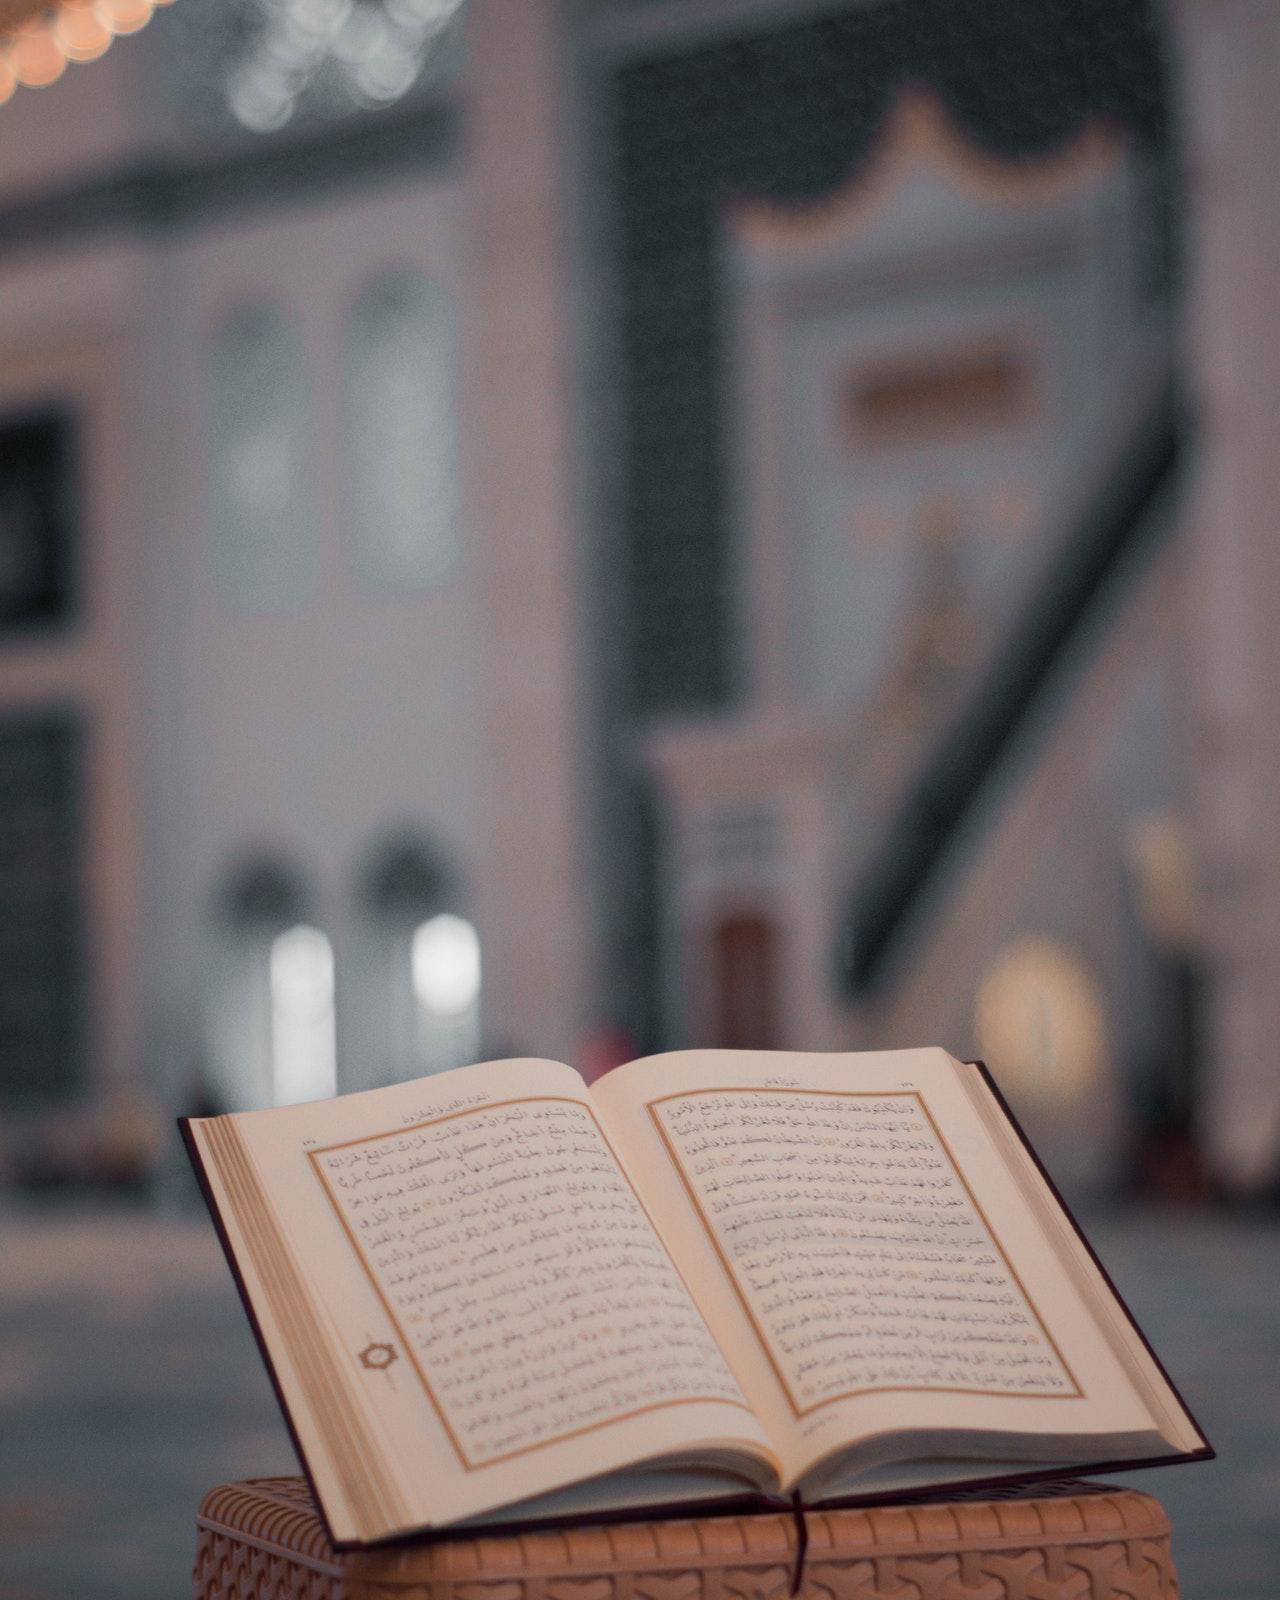 Juden im Koran (Teil 1)